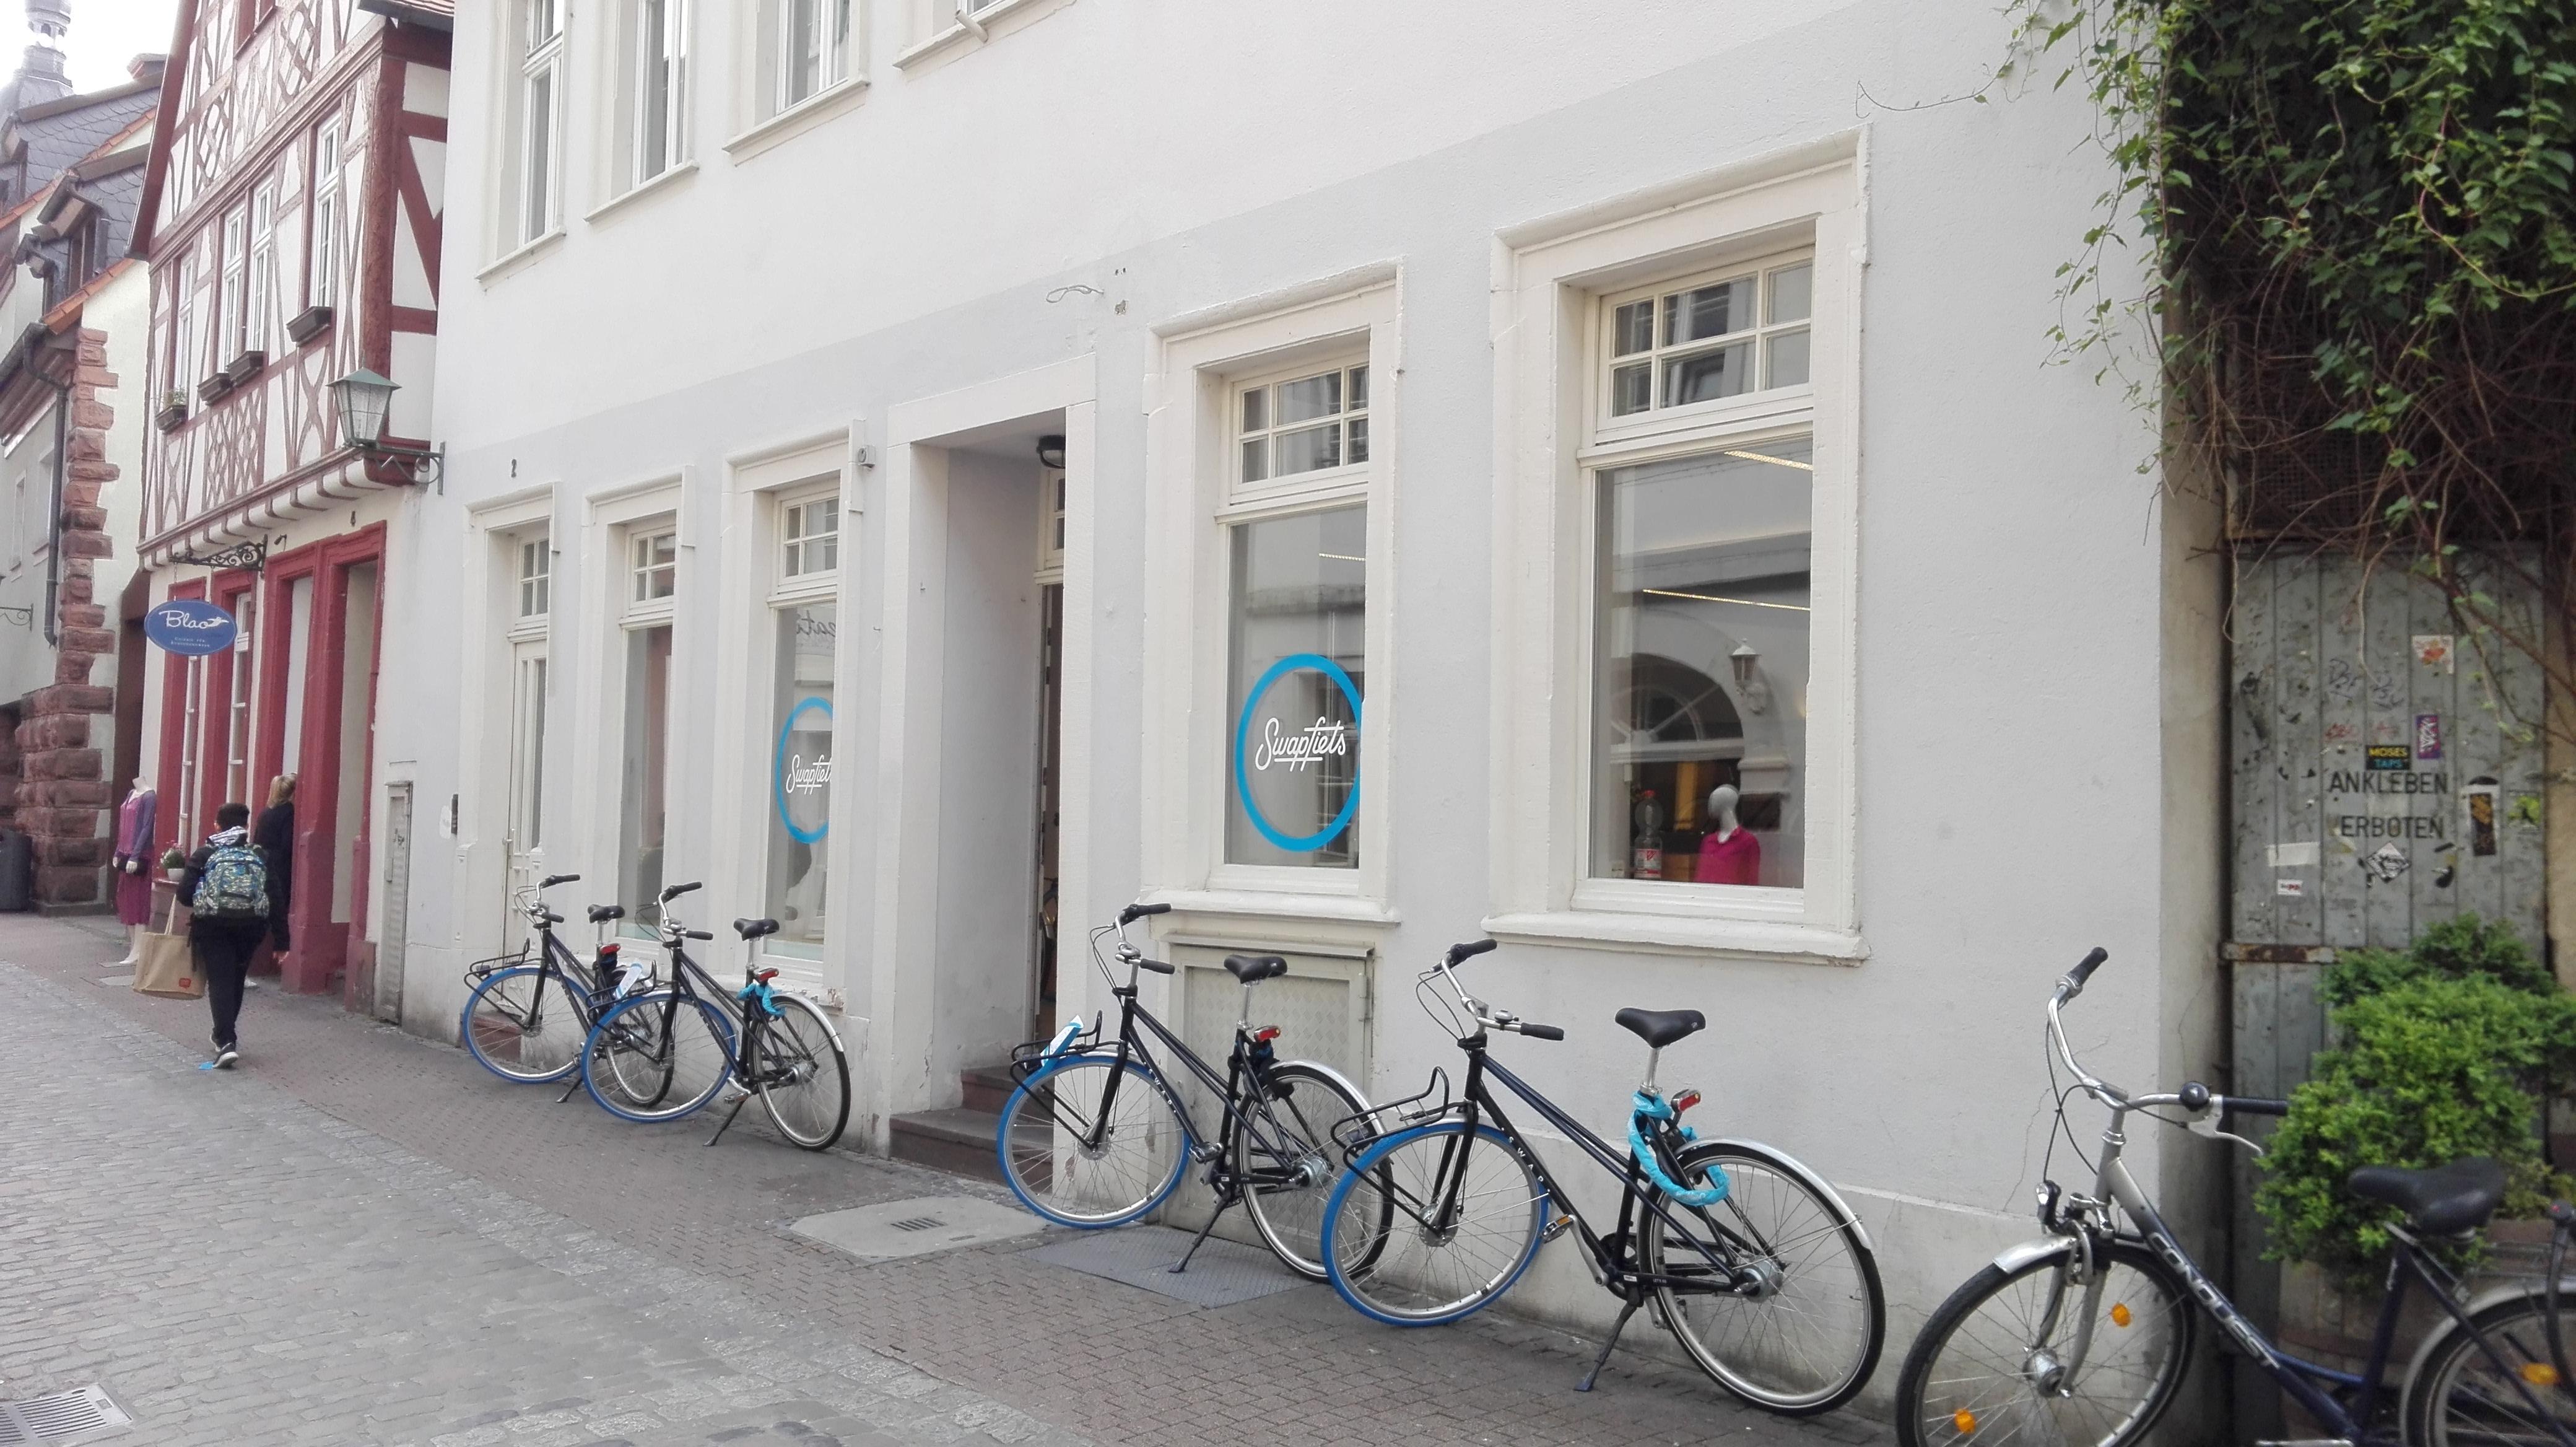 Der Swapfiets Laden in der Unteren Straße. Foto: Christina Kapp